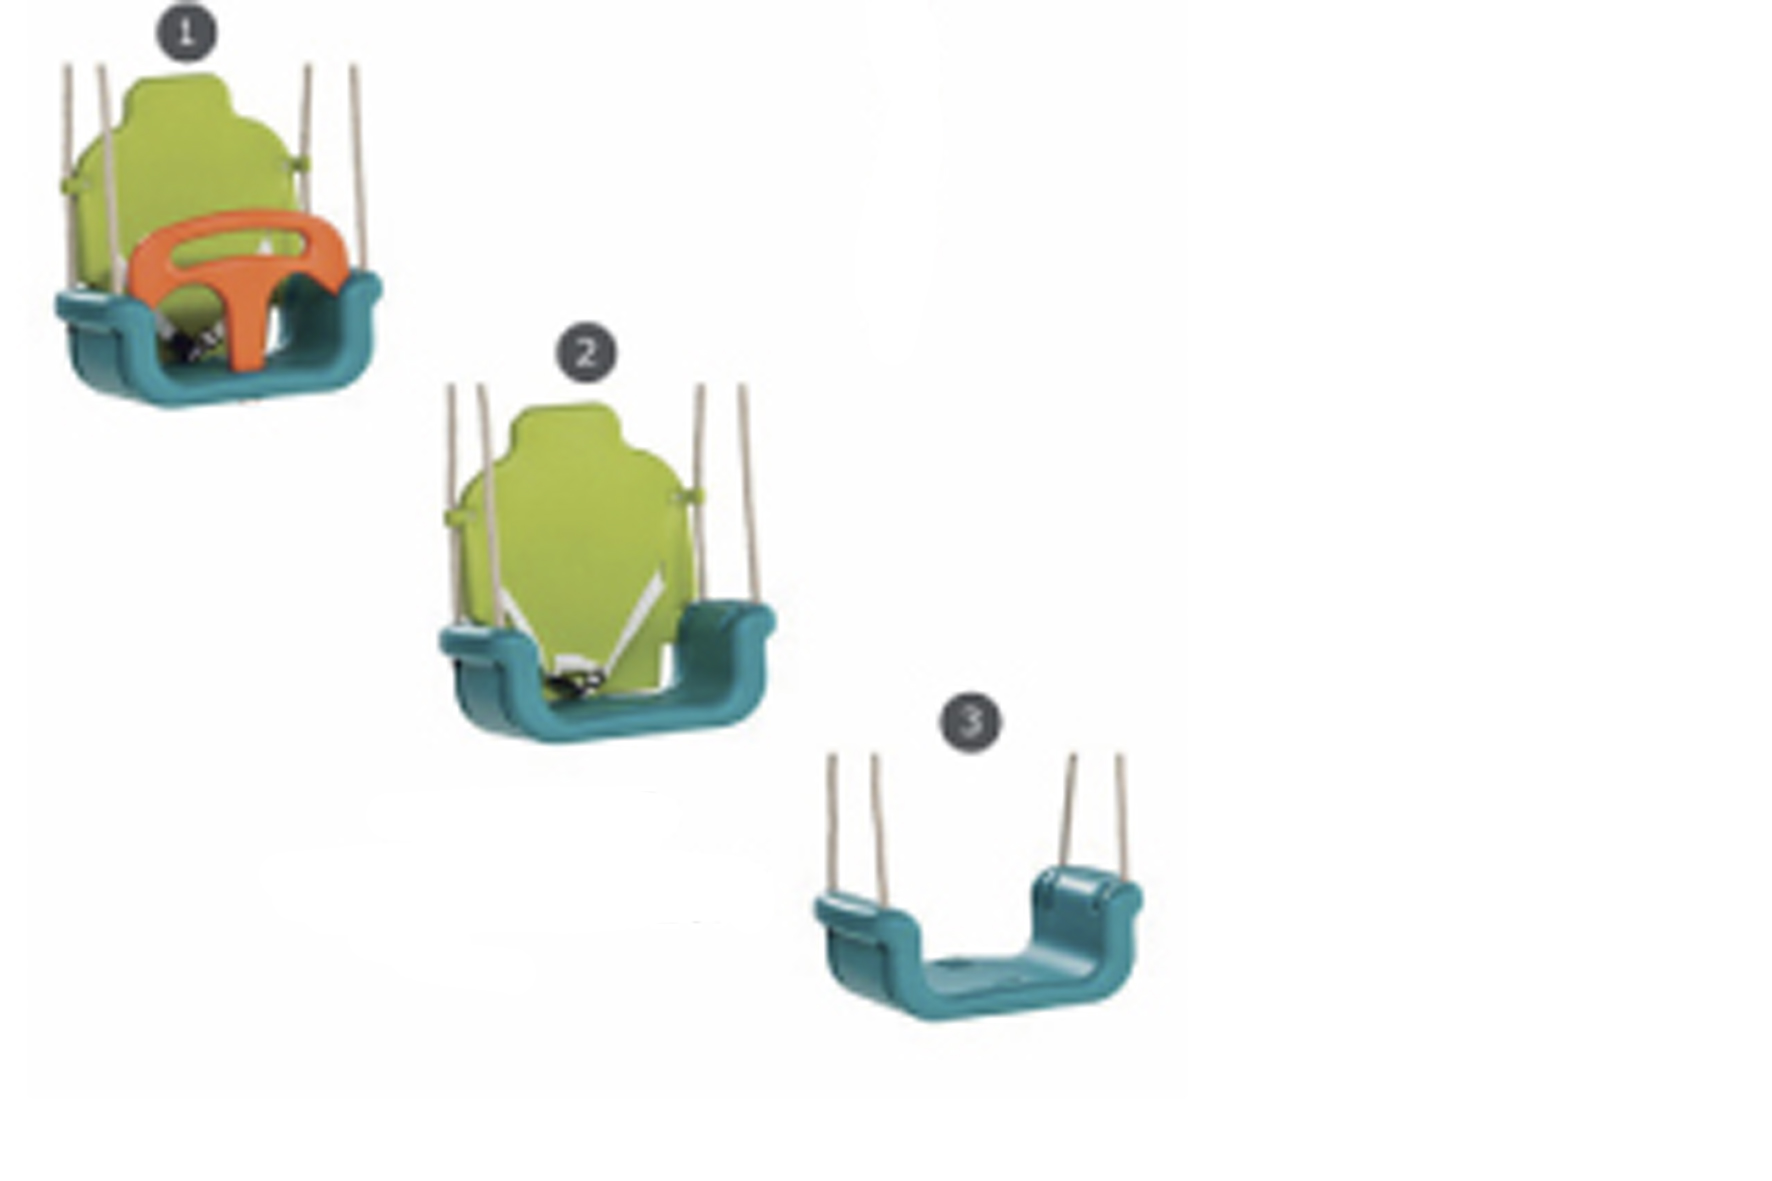 Balan oire siege evolutif achat en ligne ou dans notre magasin - Accessoires de balancoire ...